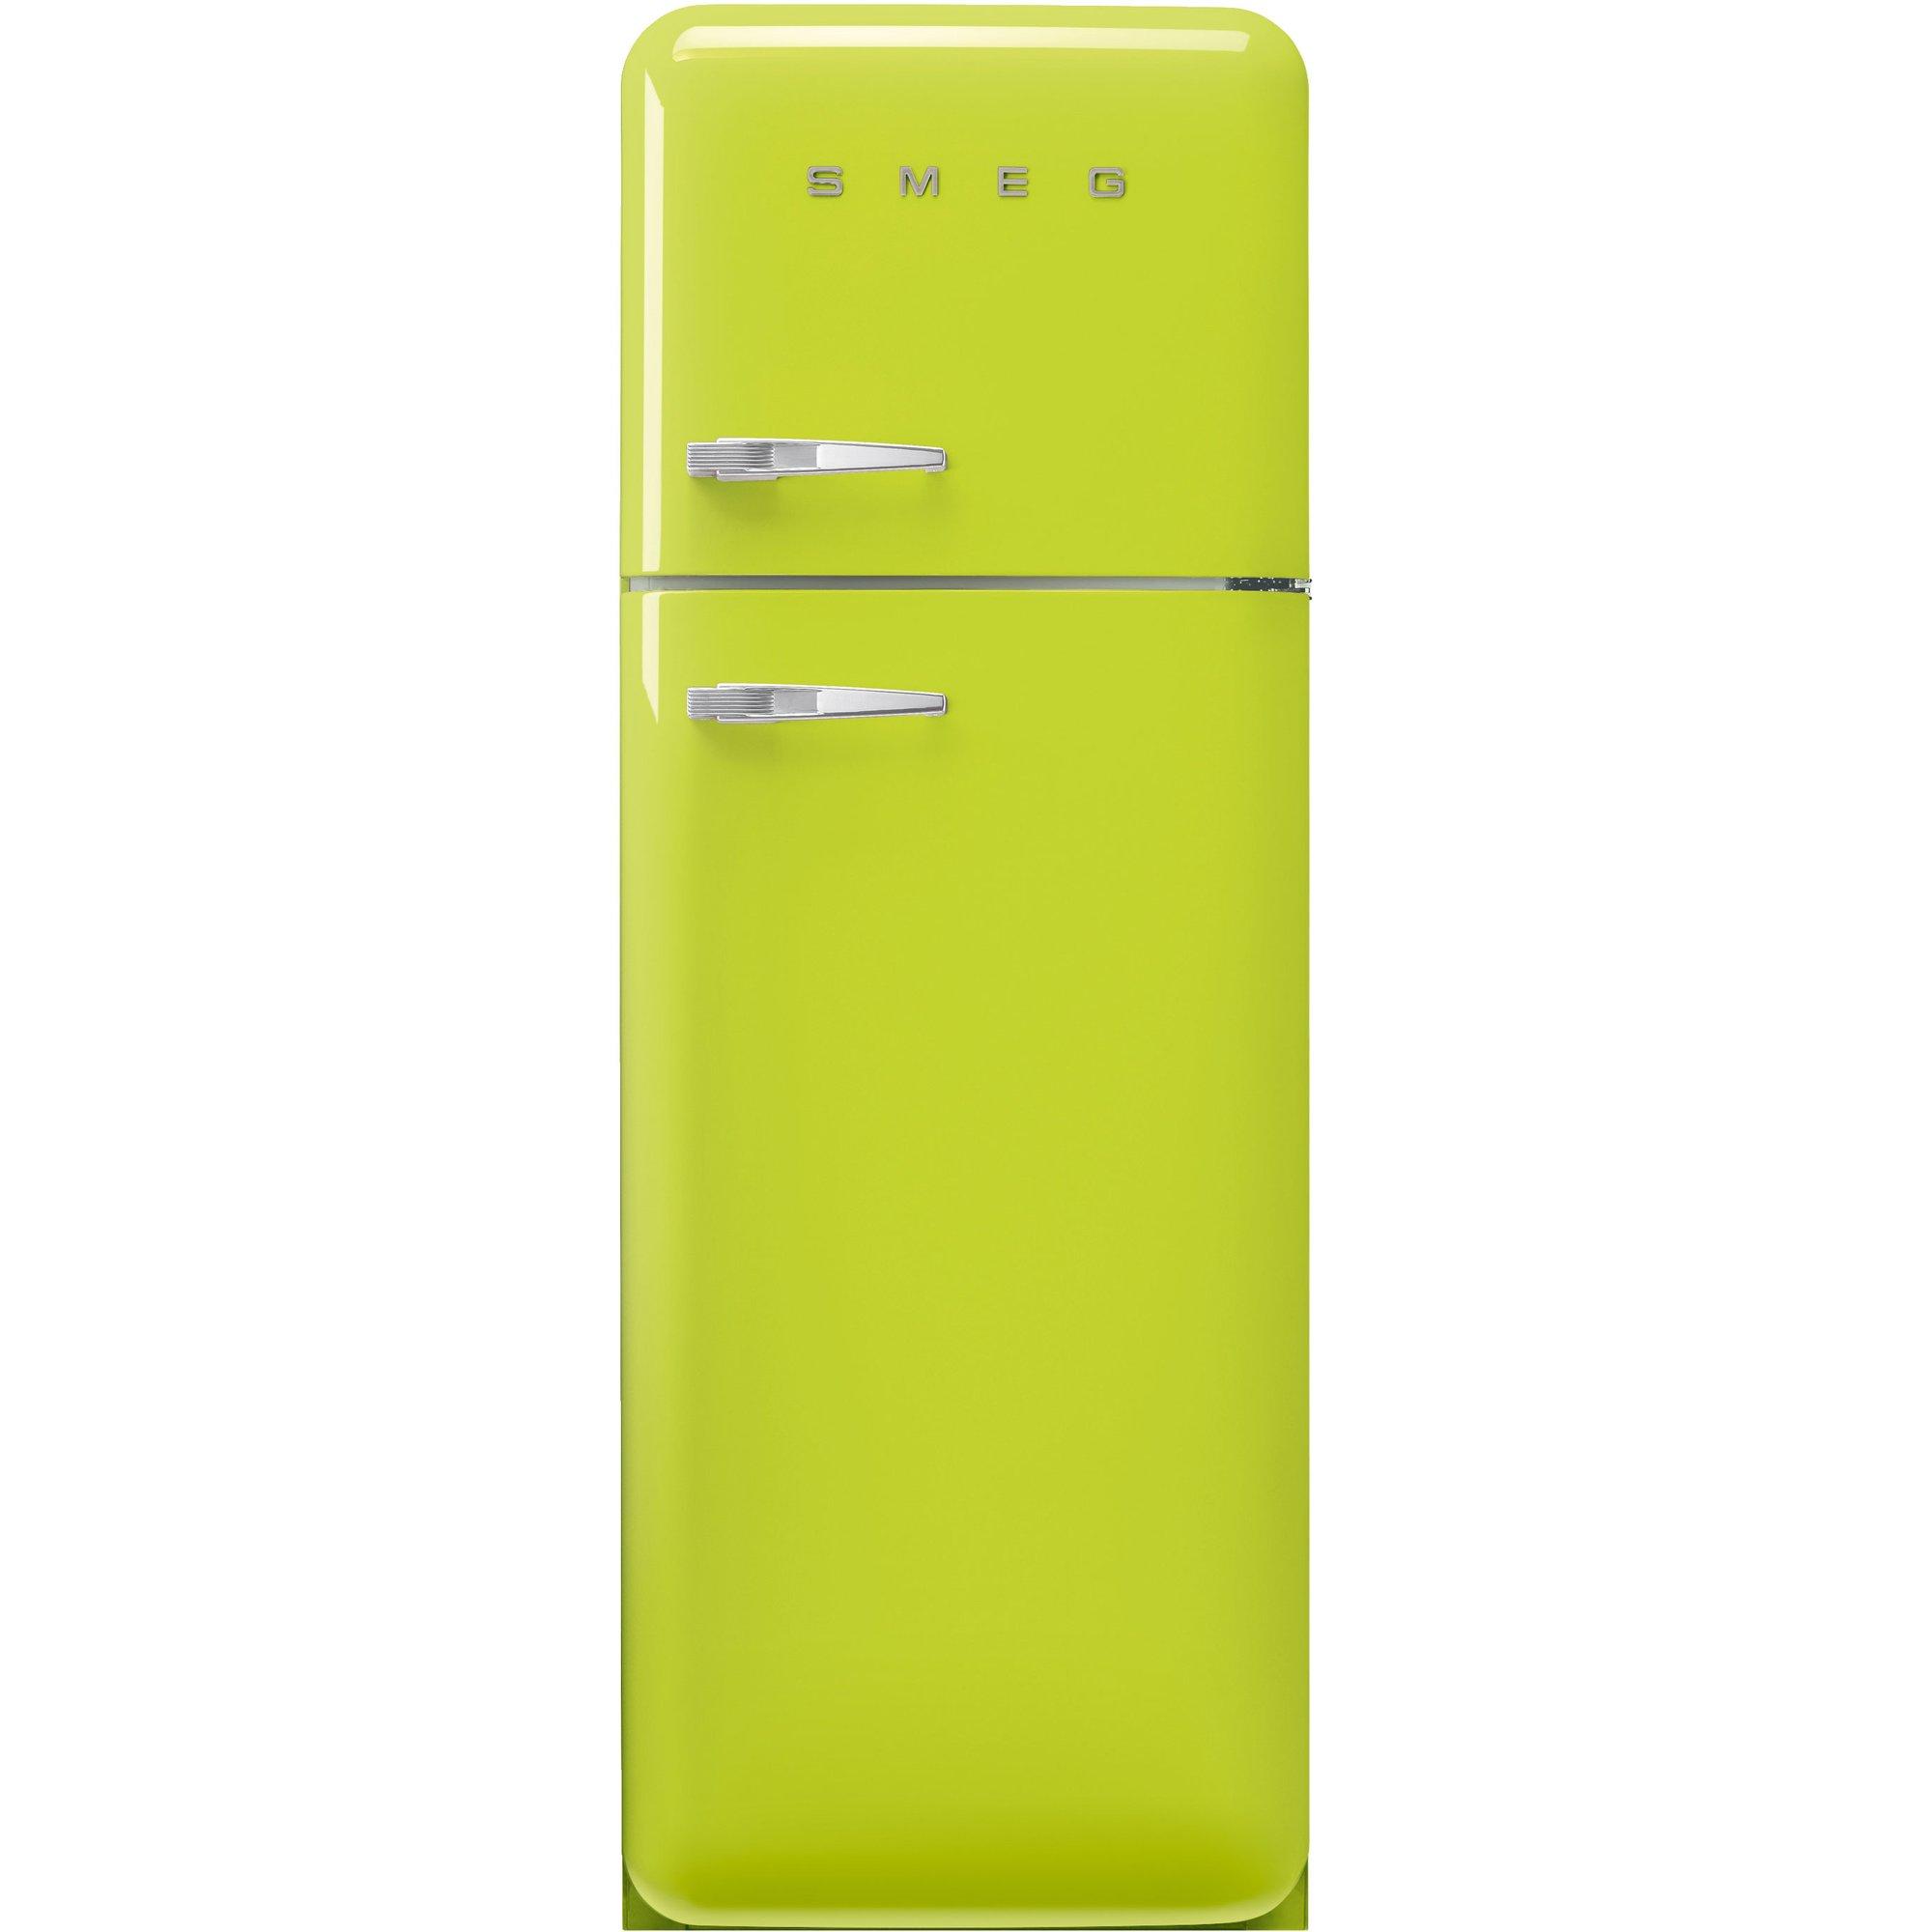 Smeg FAB30RLI5 Køle-/fryseskab limegrøn